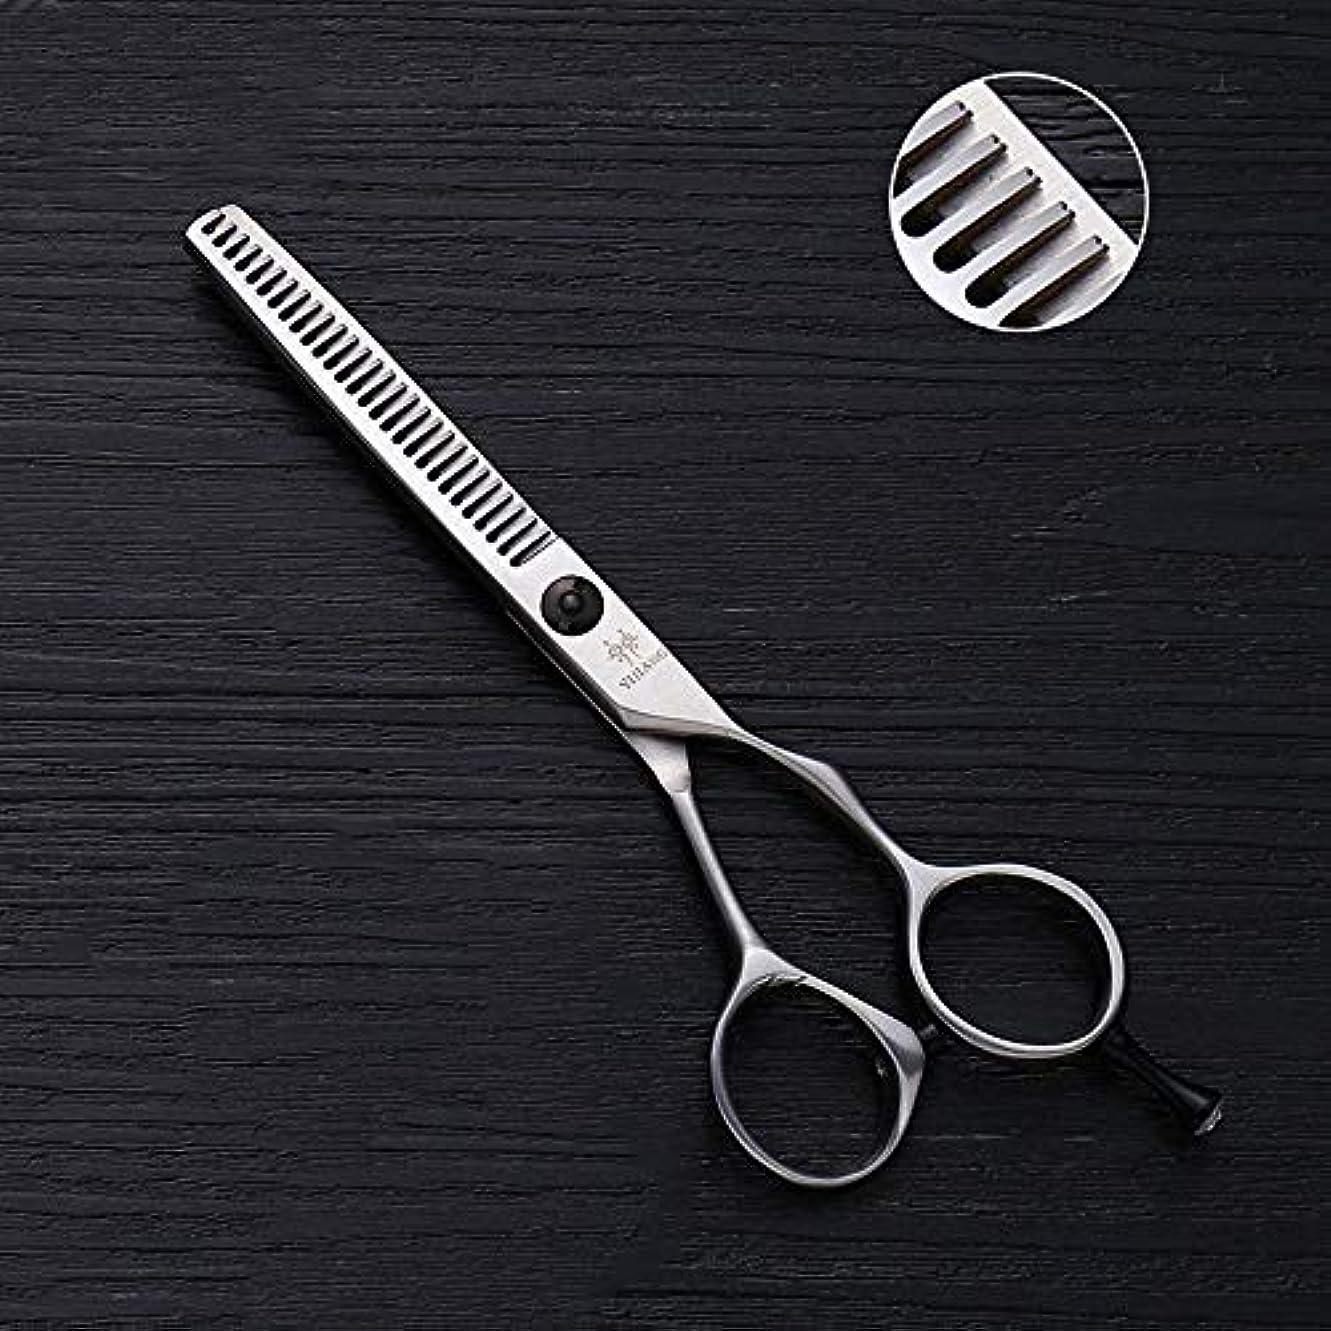 ジェーンオースティン時々時々チャンピオンシップHairdressing 28本の間伐はさみ、ステンレス鋼のV歯の毛の切断、5インチの理髪はさみ毛の切断のはさみステンレスの理髪師のはさみ (色 : Silver)